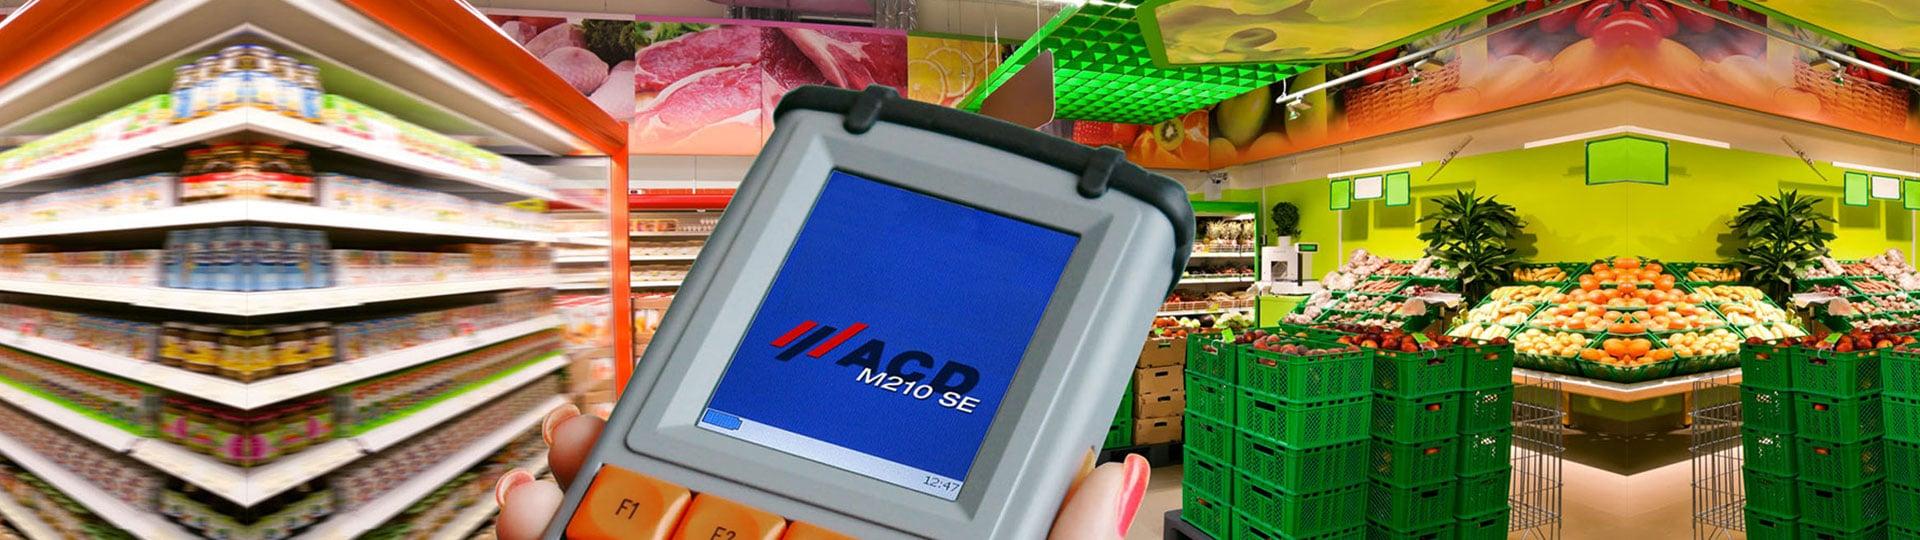 Warenmanagement im Lebensmittel Einzelhandel Laden